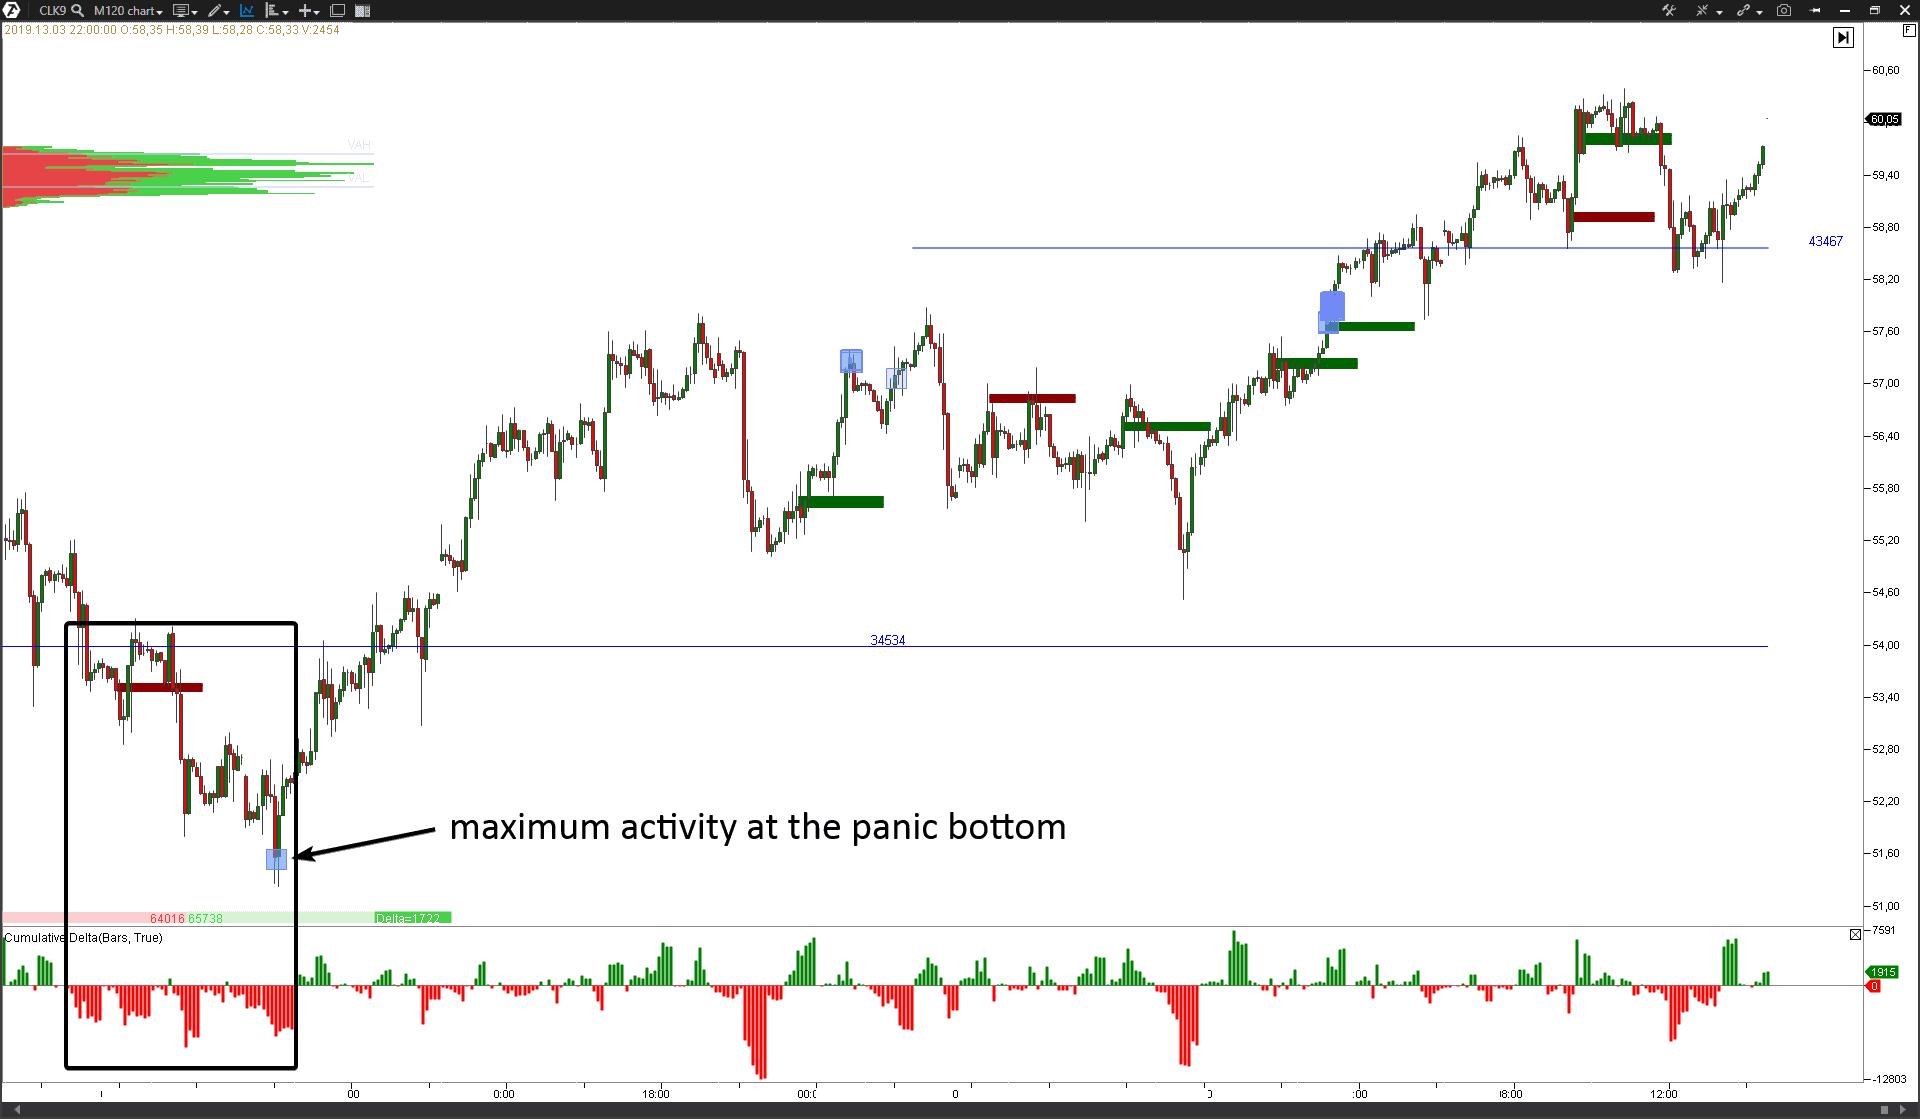 Oil futures market analysis